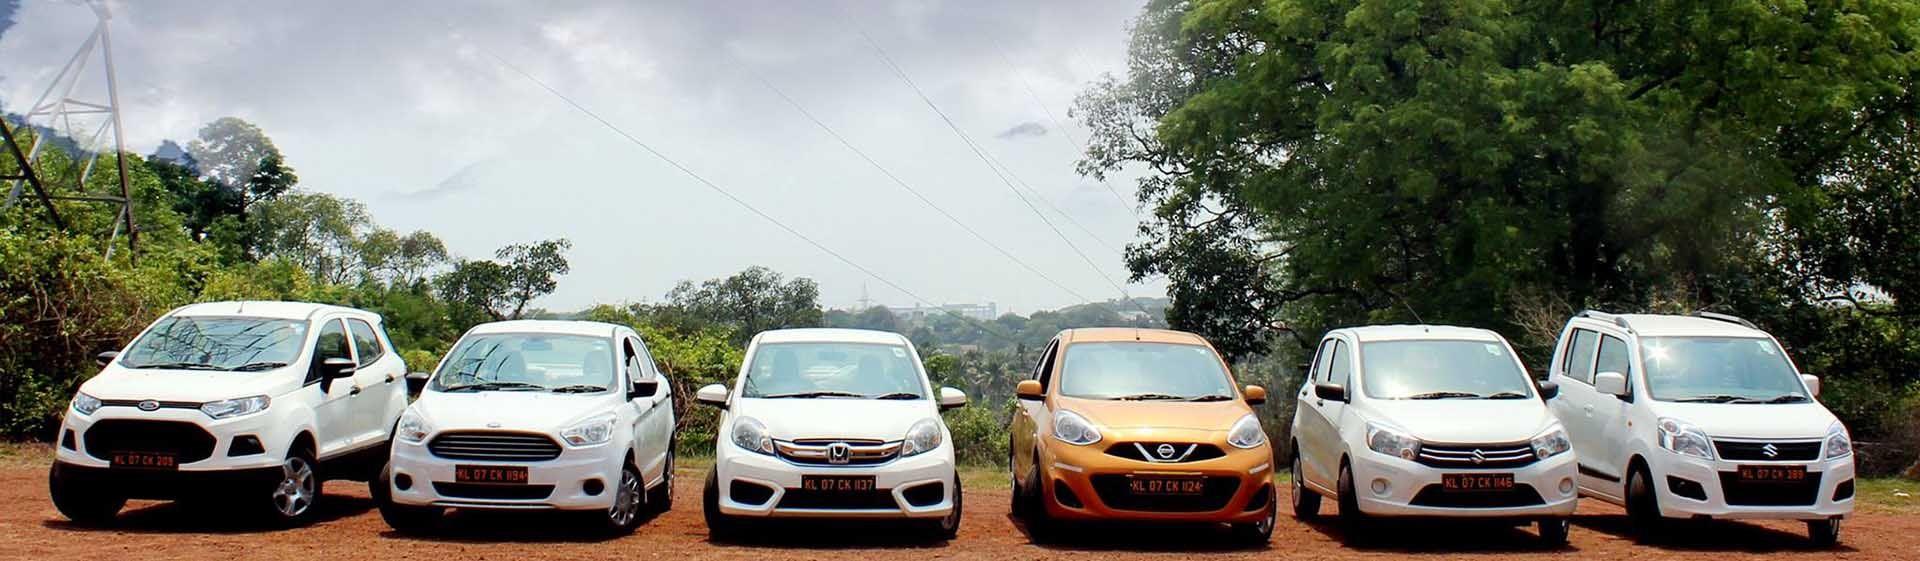 Pin By Avs Car Rental Service On Best Car Rental Service In Kerala